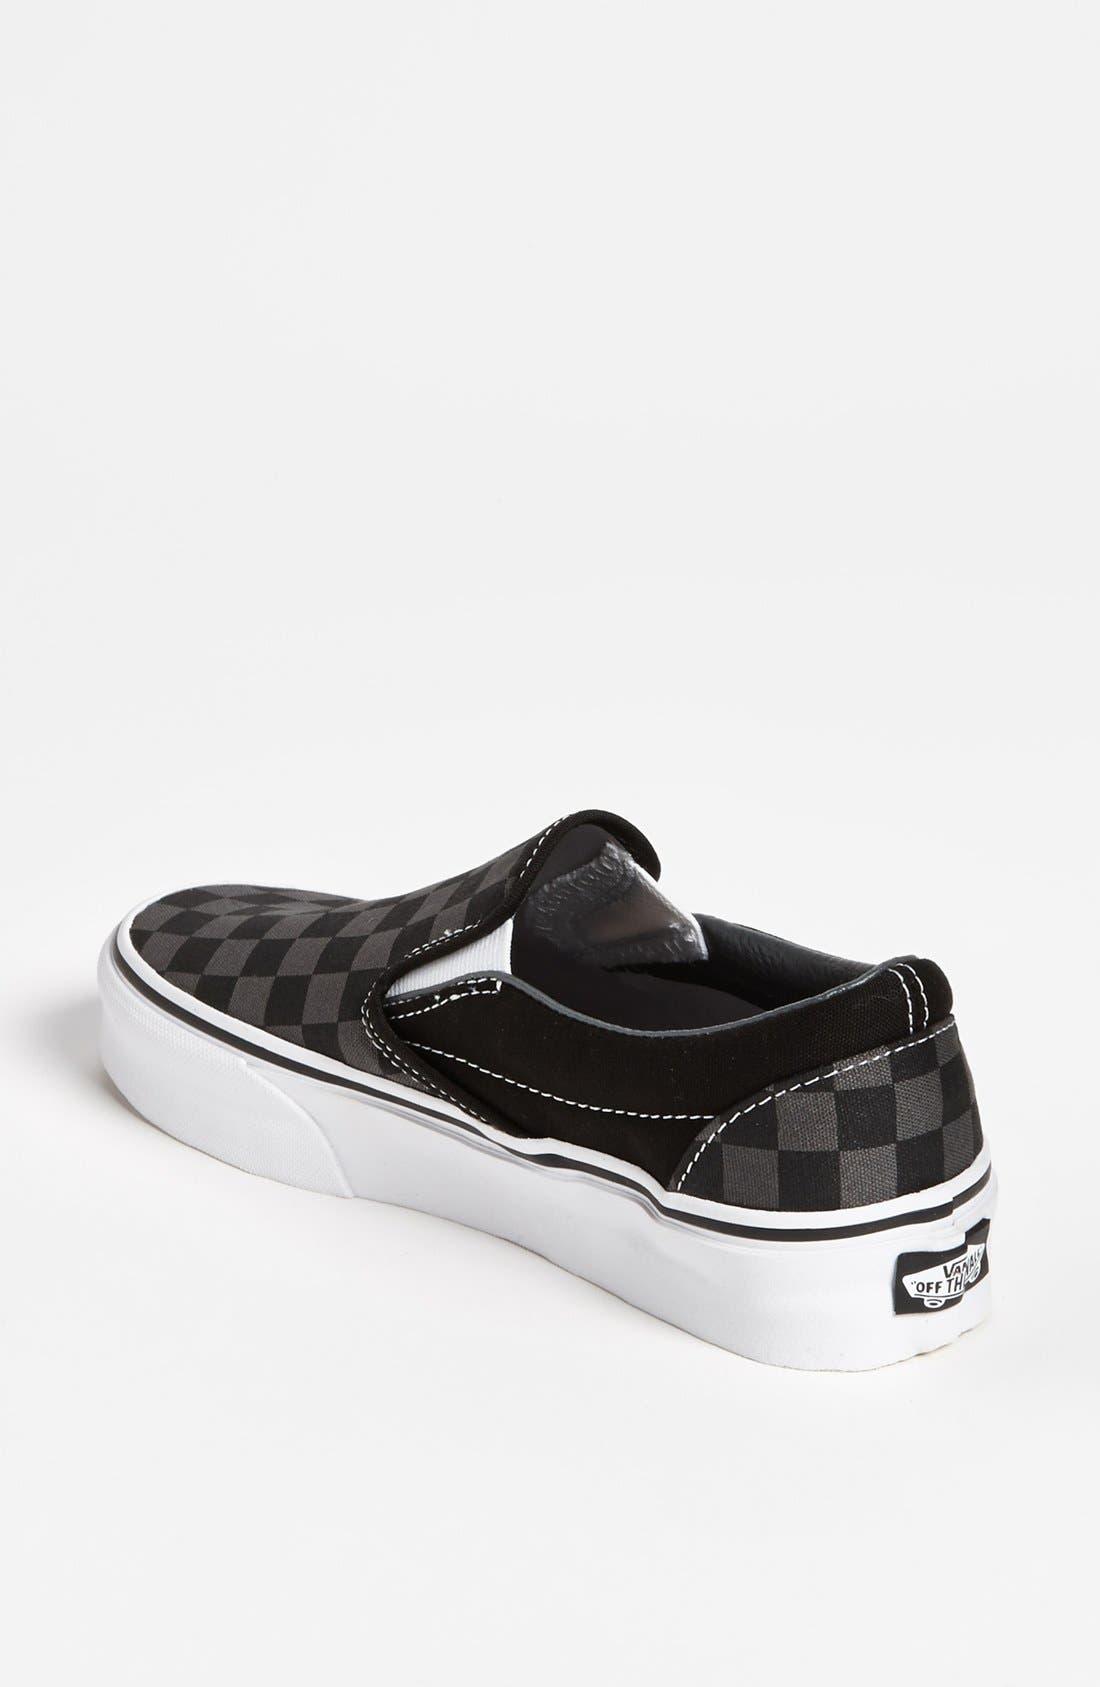 Alternate Image 2  - Vans 'Classic - Checker' Sneaker (Women)